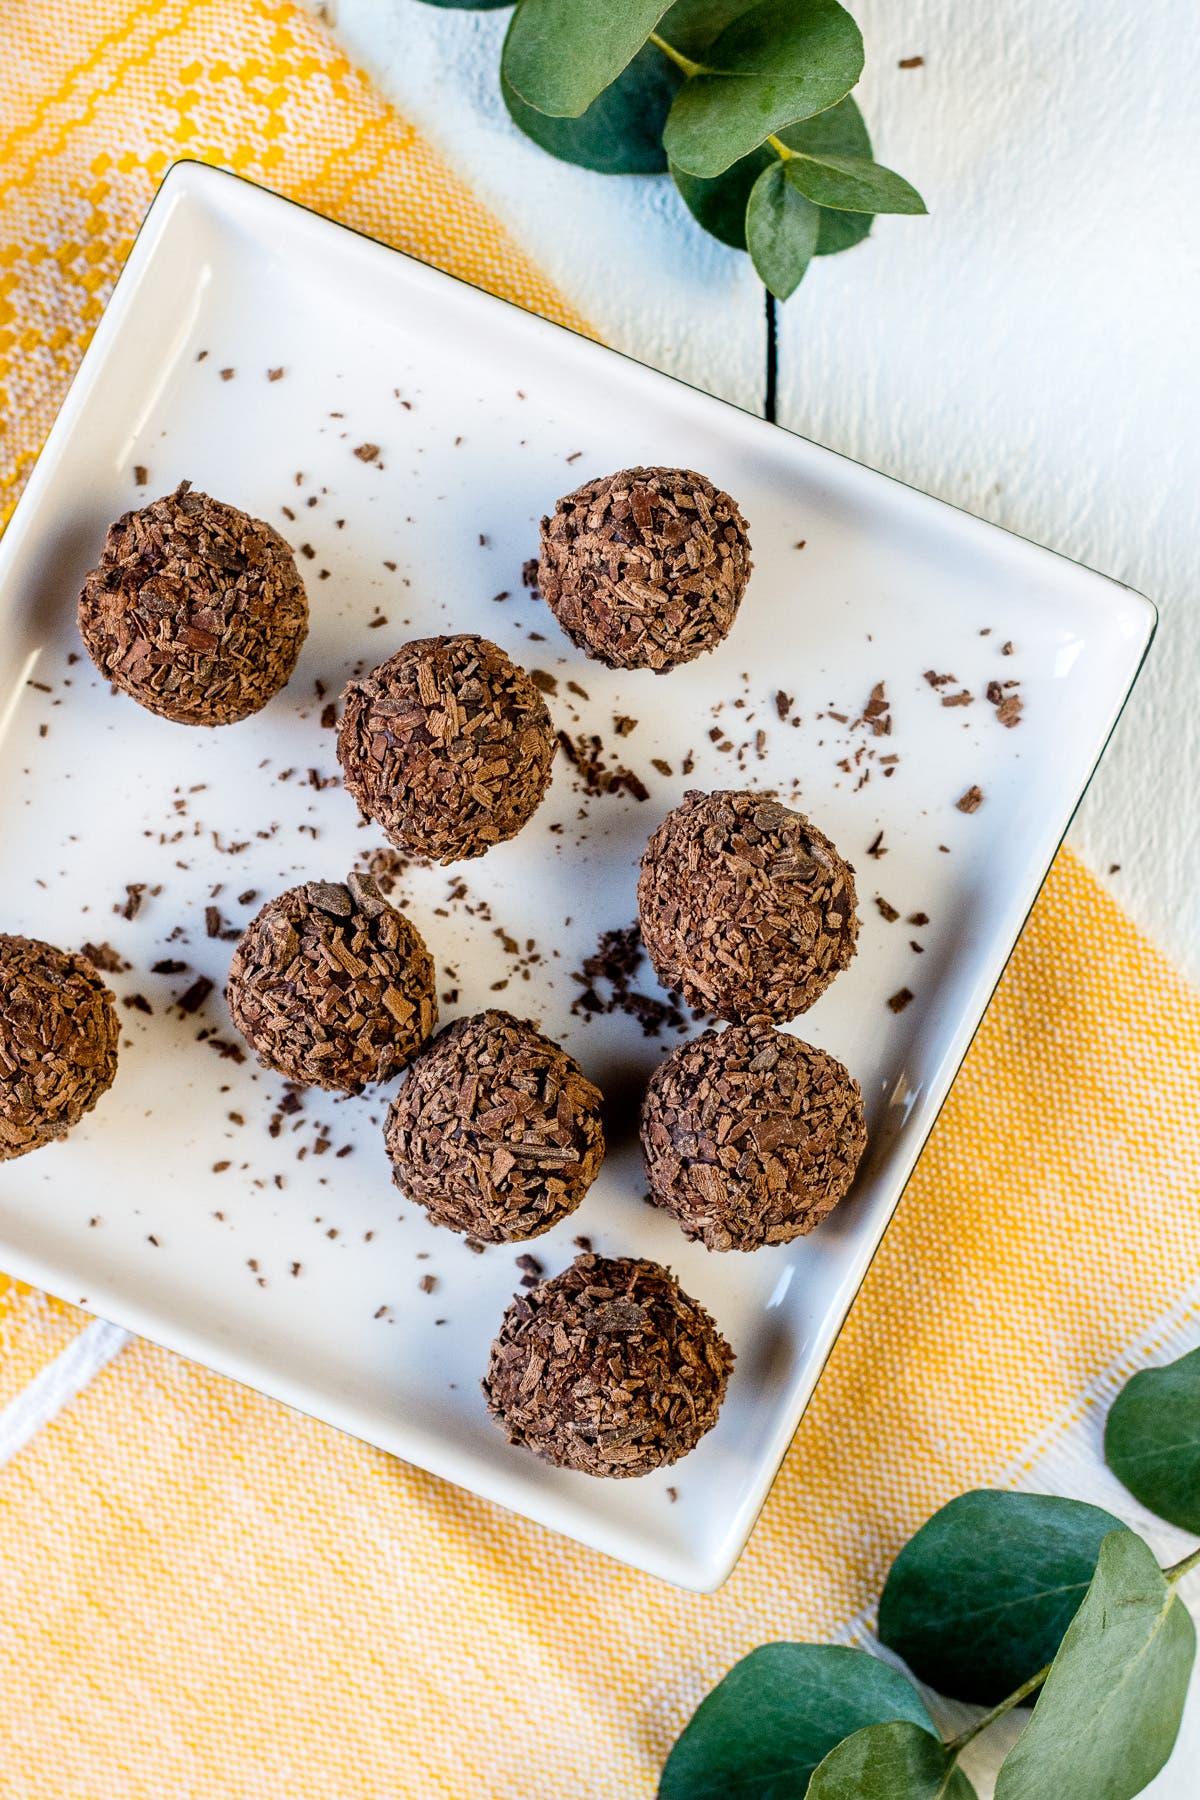 Topshot von Schokoladentrüffel in Schokoraspeln gewälzt auf Teller